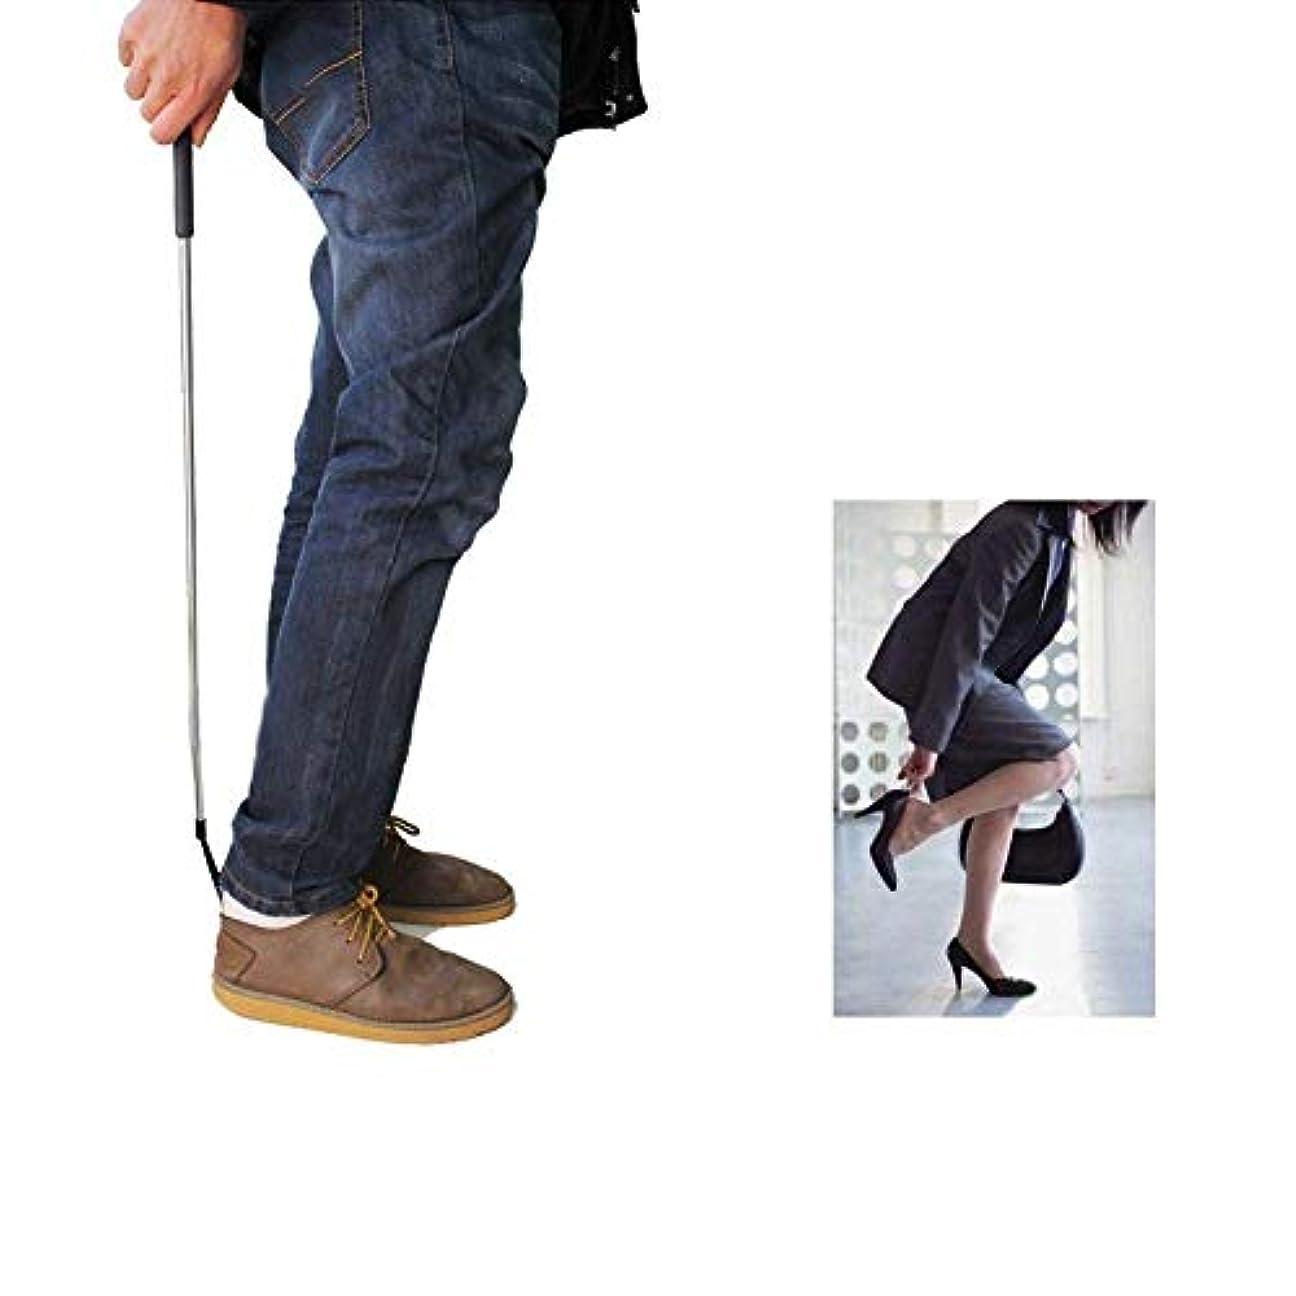 可愛い代数的ブリーフケースPichidr-JP 靴べら シューホーン くつべら 靴 長ヘラ 携帯 伸縮自在 シューケア ロング 軽量 高齢者 靴の角拡張可能&折りたたみ 男性女性靴